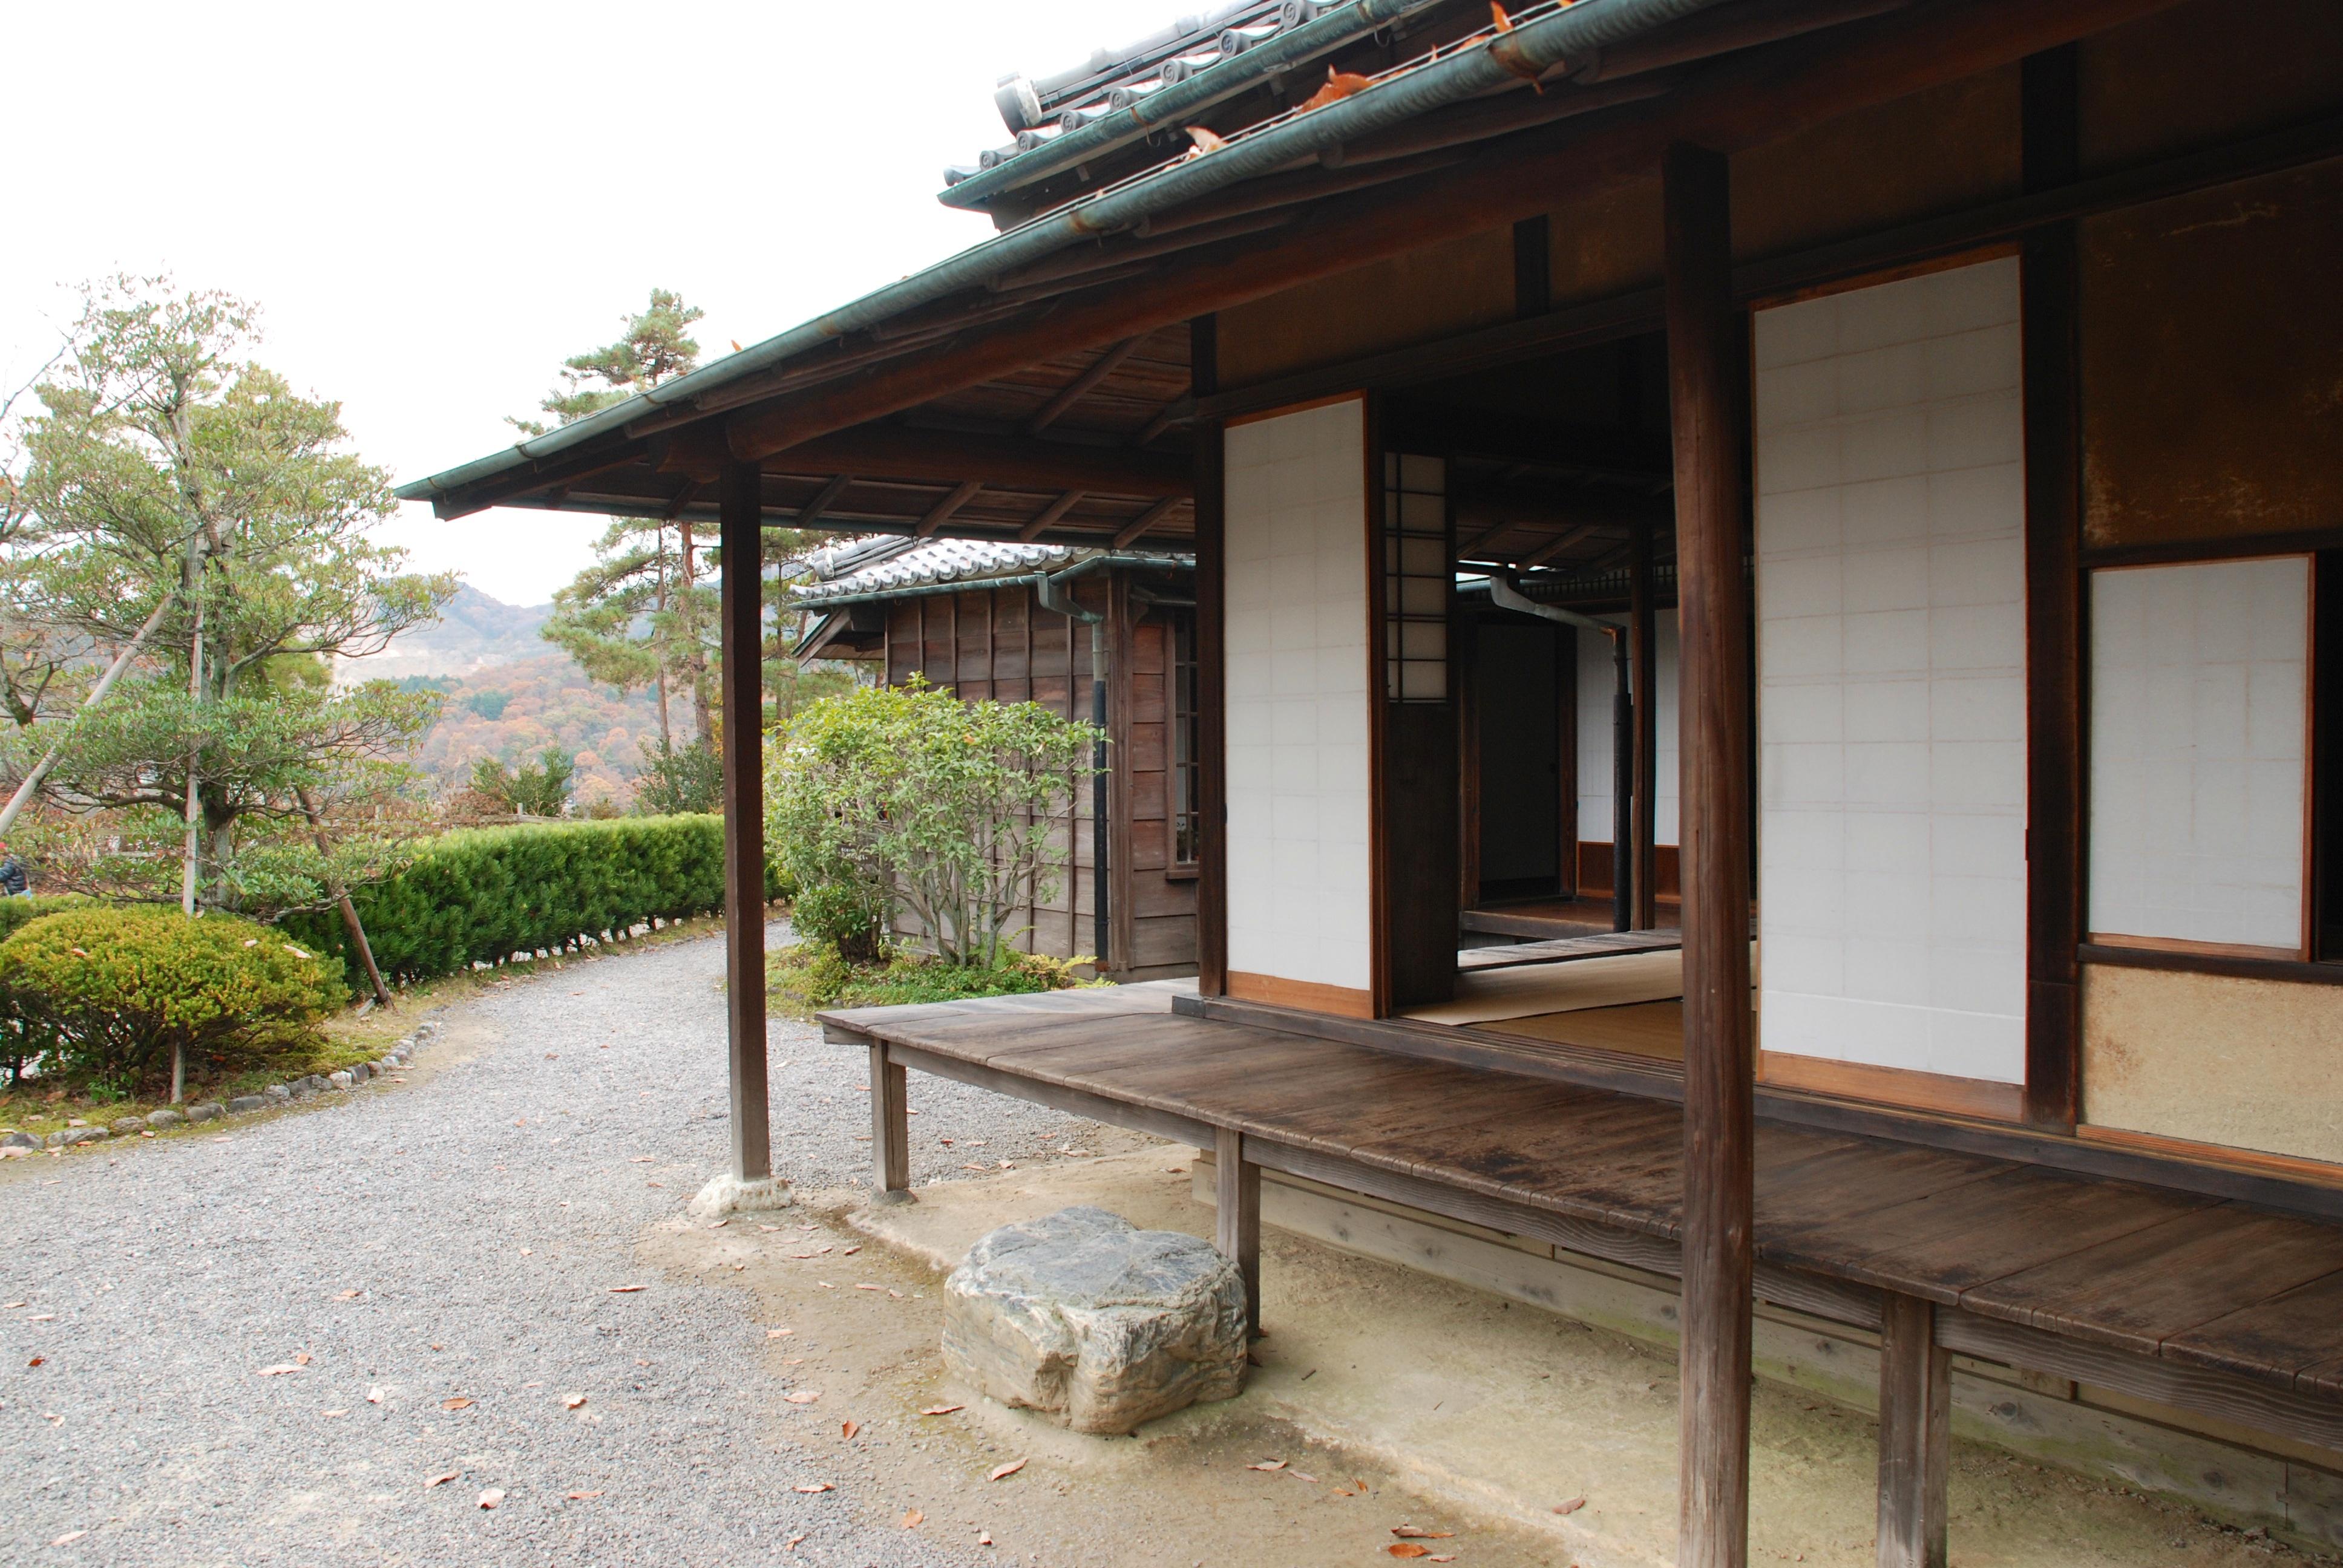 Engawa di rumah tradisional Jepang